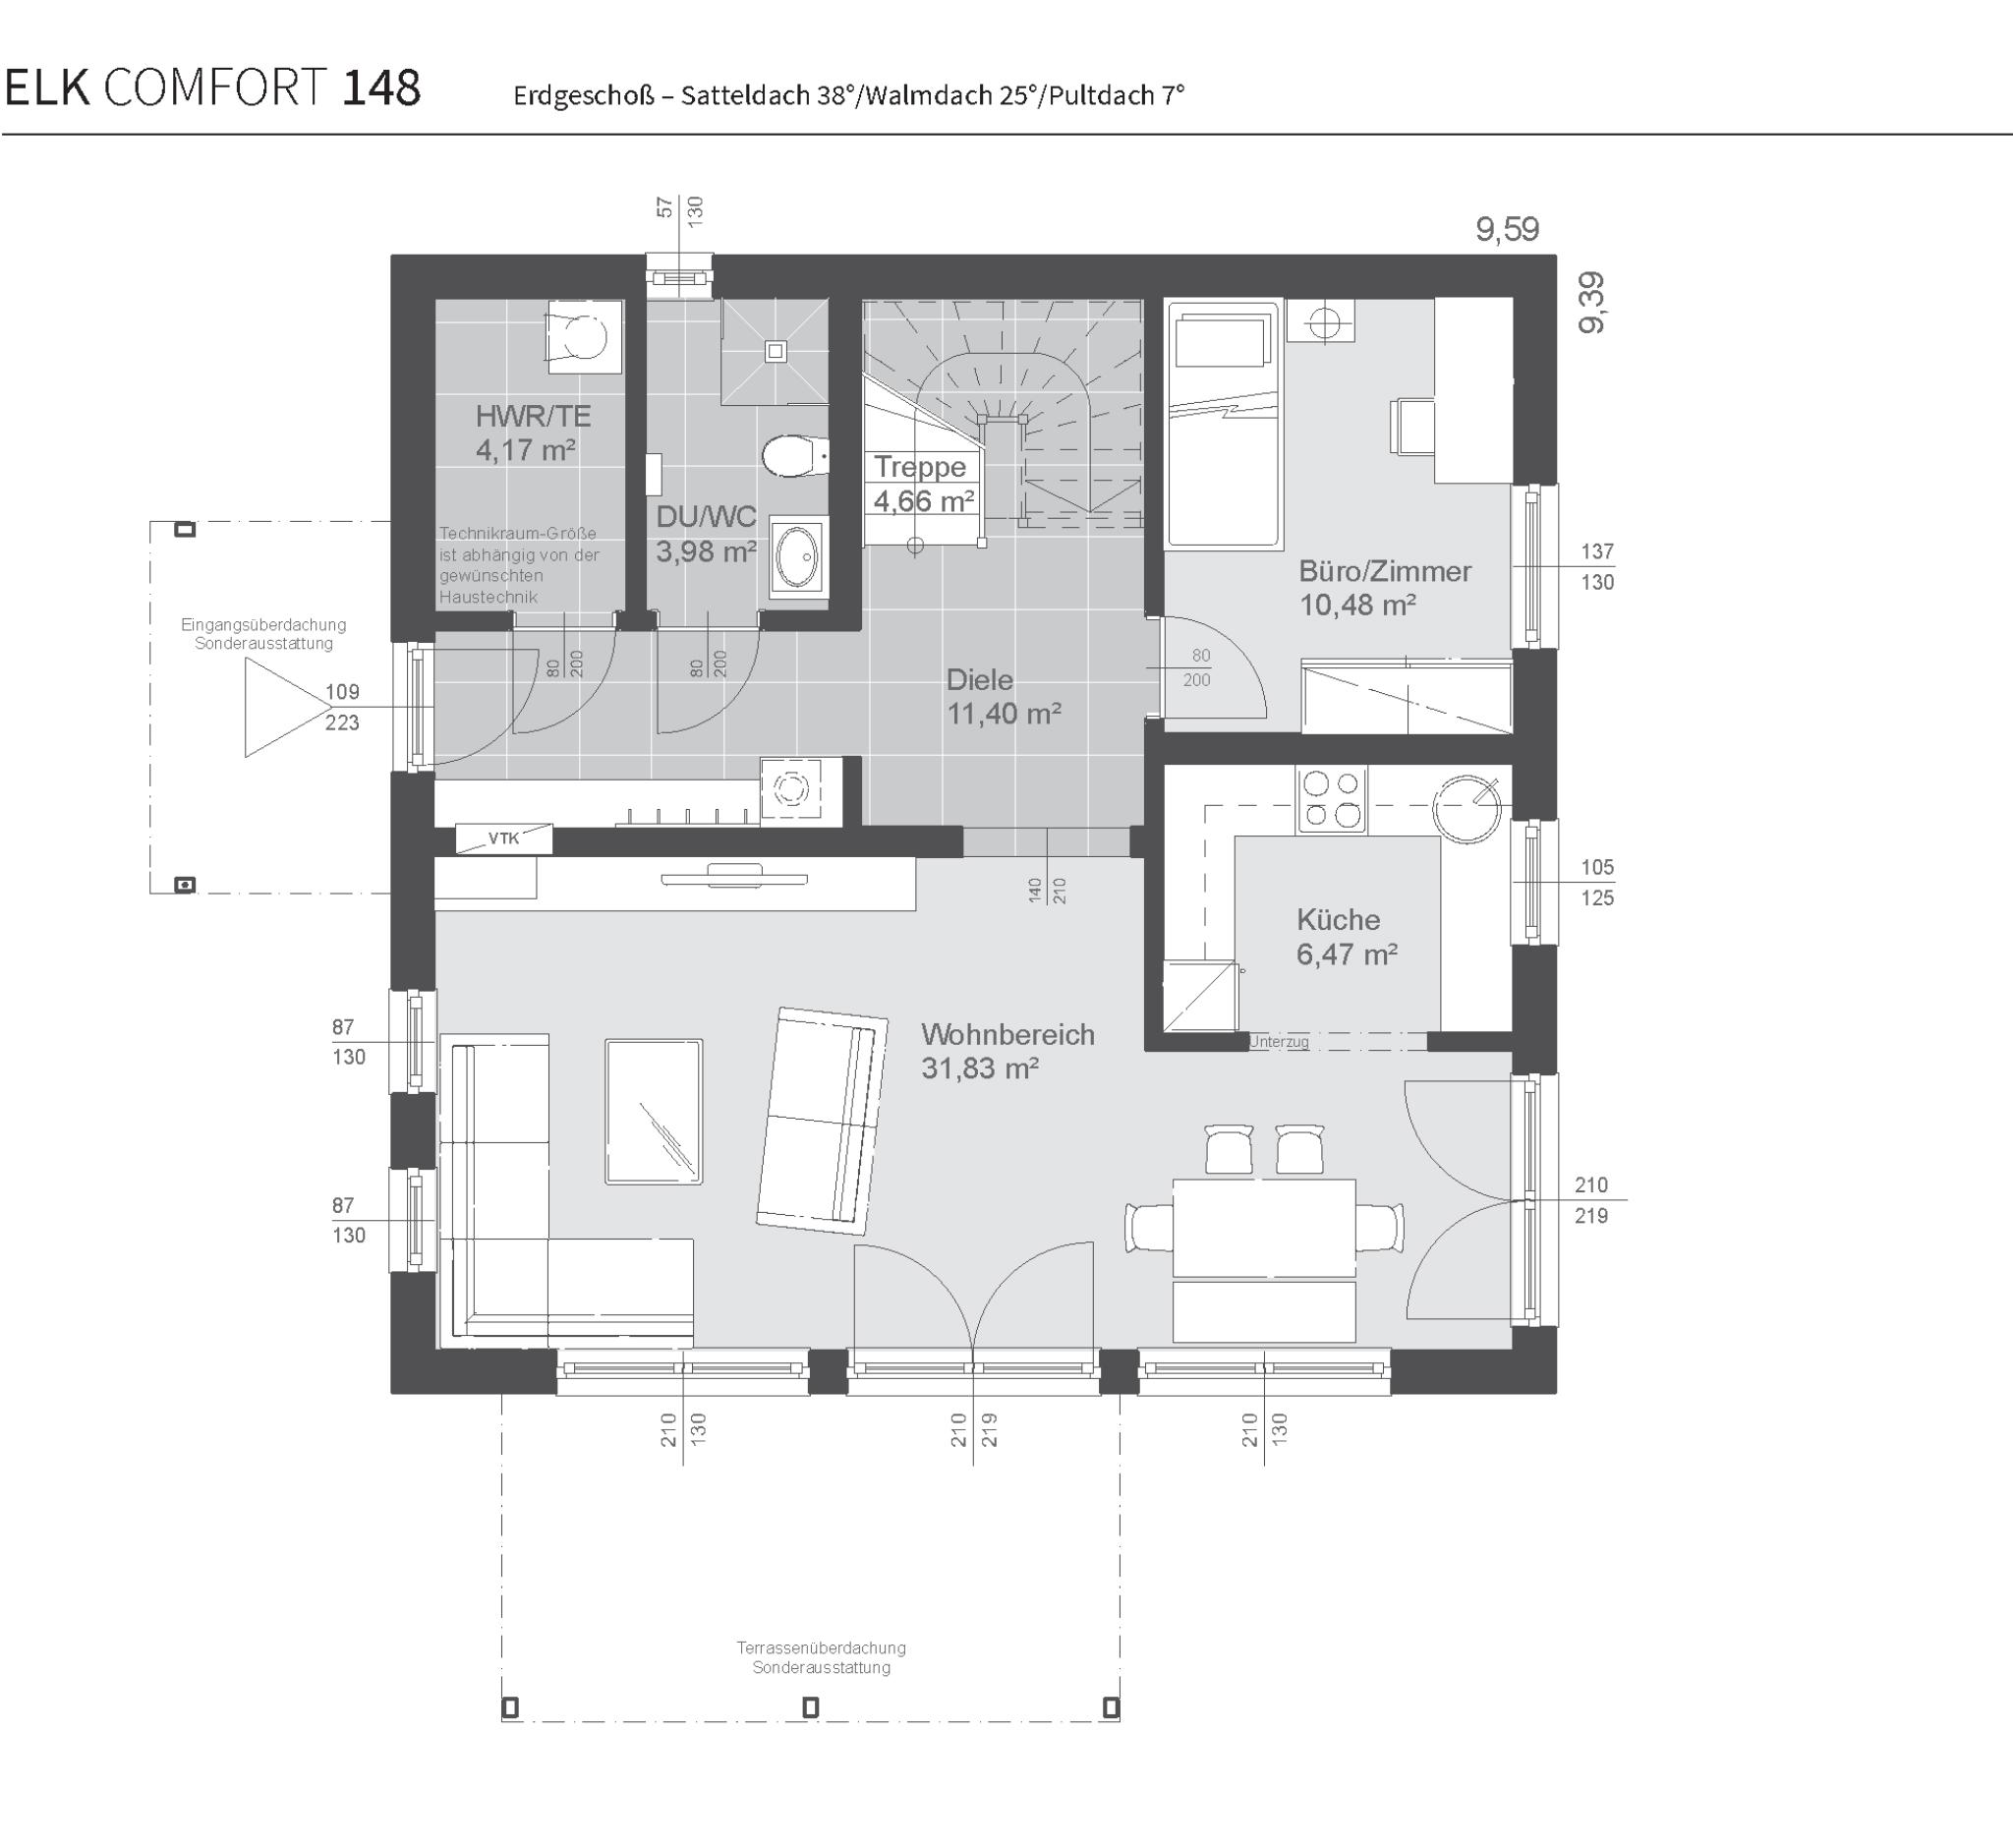 grundriss-fertighaus-elk-comfort-148-erdgeschoss-satteldach38-walmdach25-pultdach7